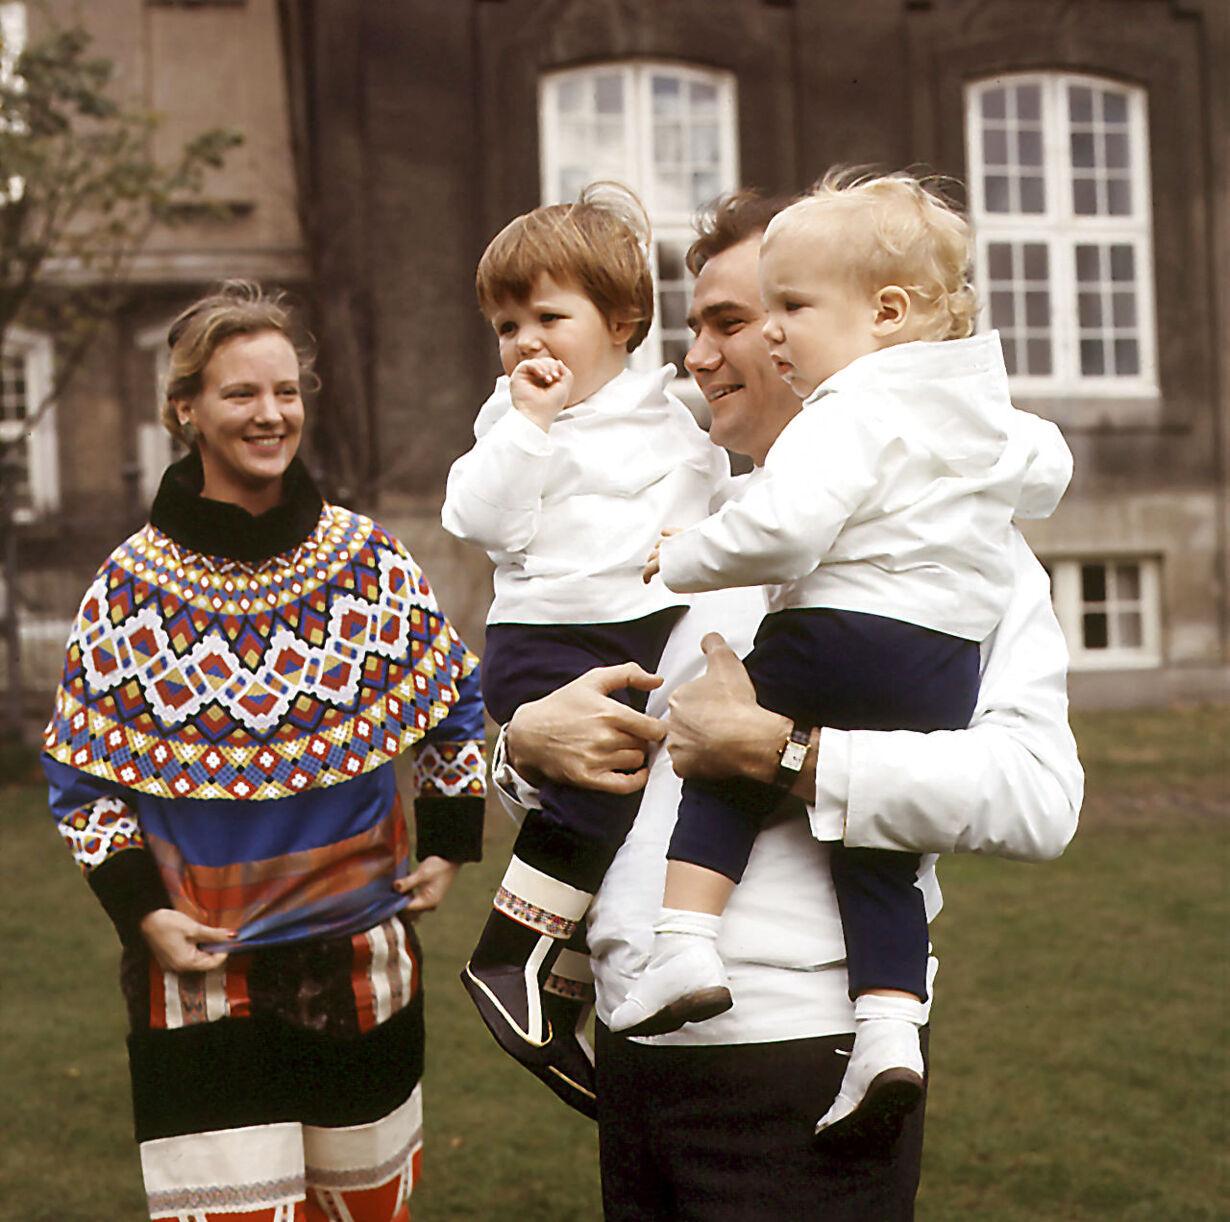 Dronning Margrethe fylder 70 år fredag den 16. april